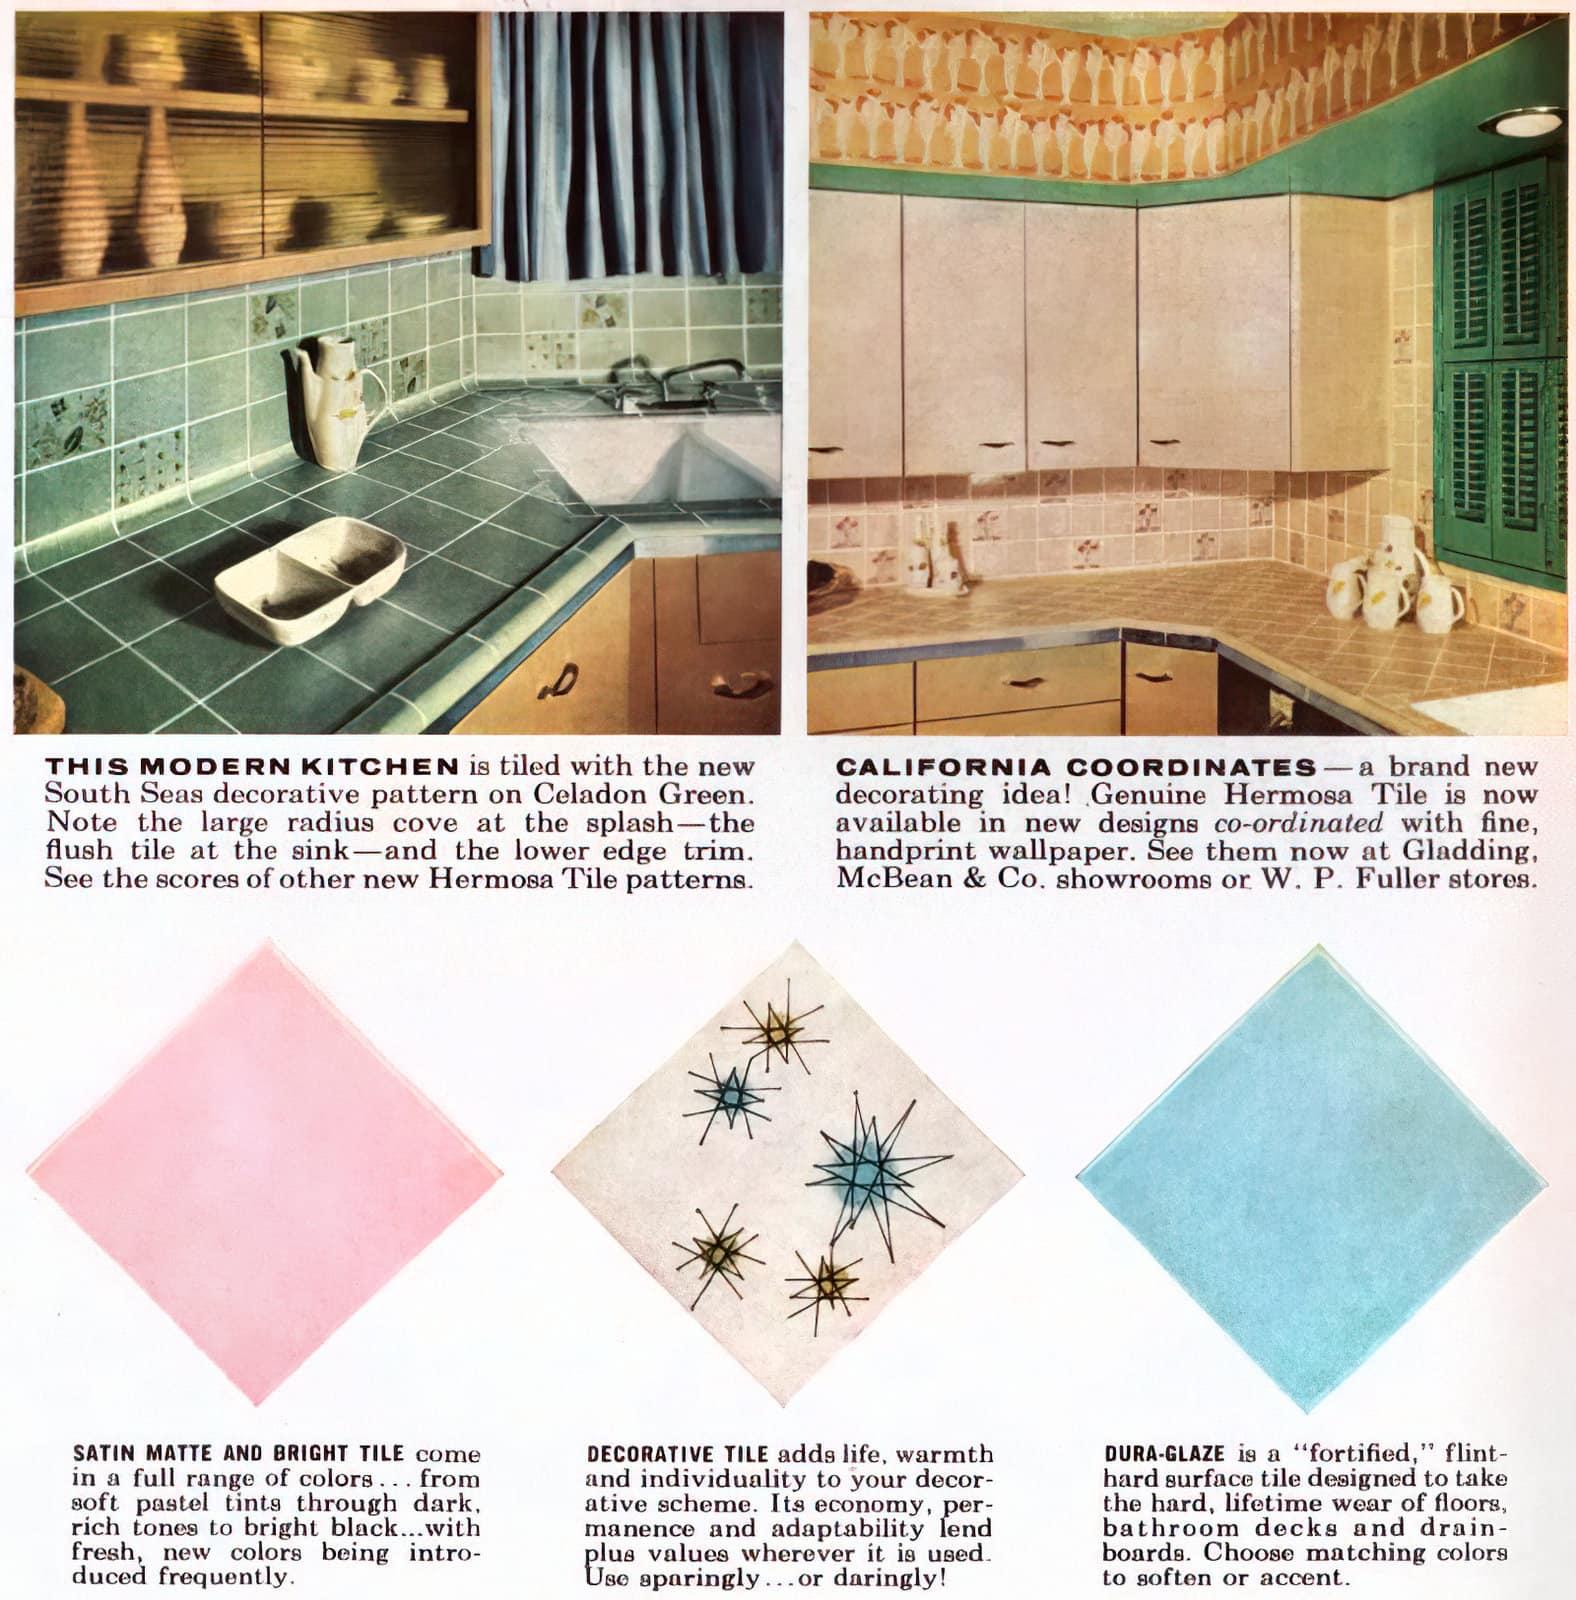 Mid-century kitchen tile - Hermosa (1950s)